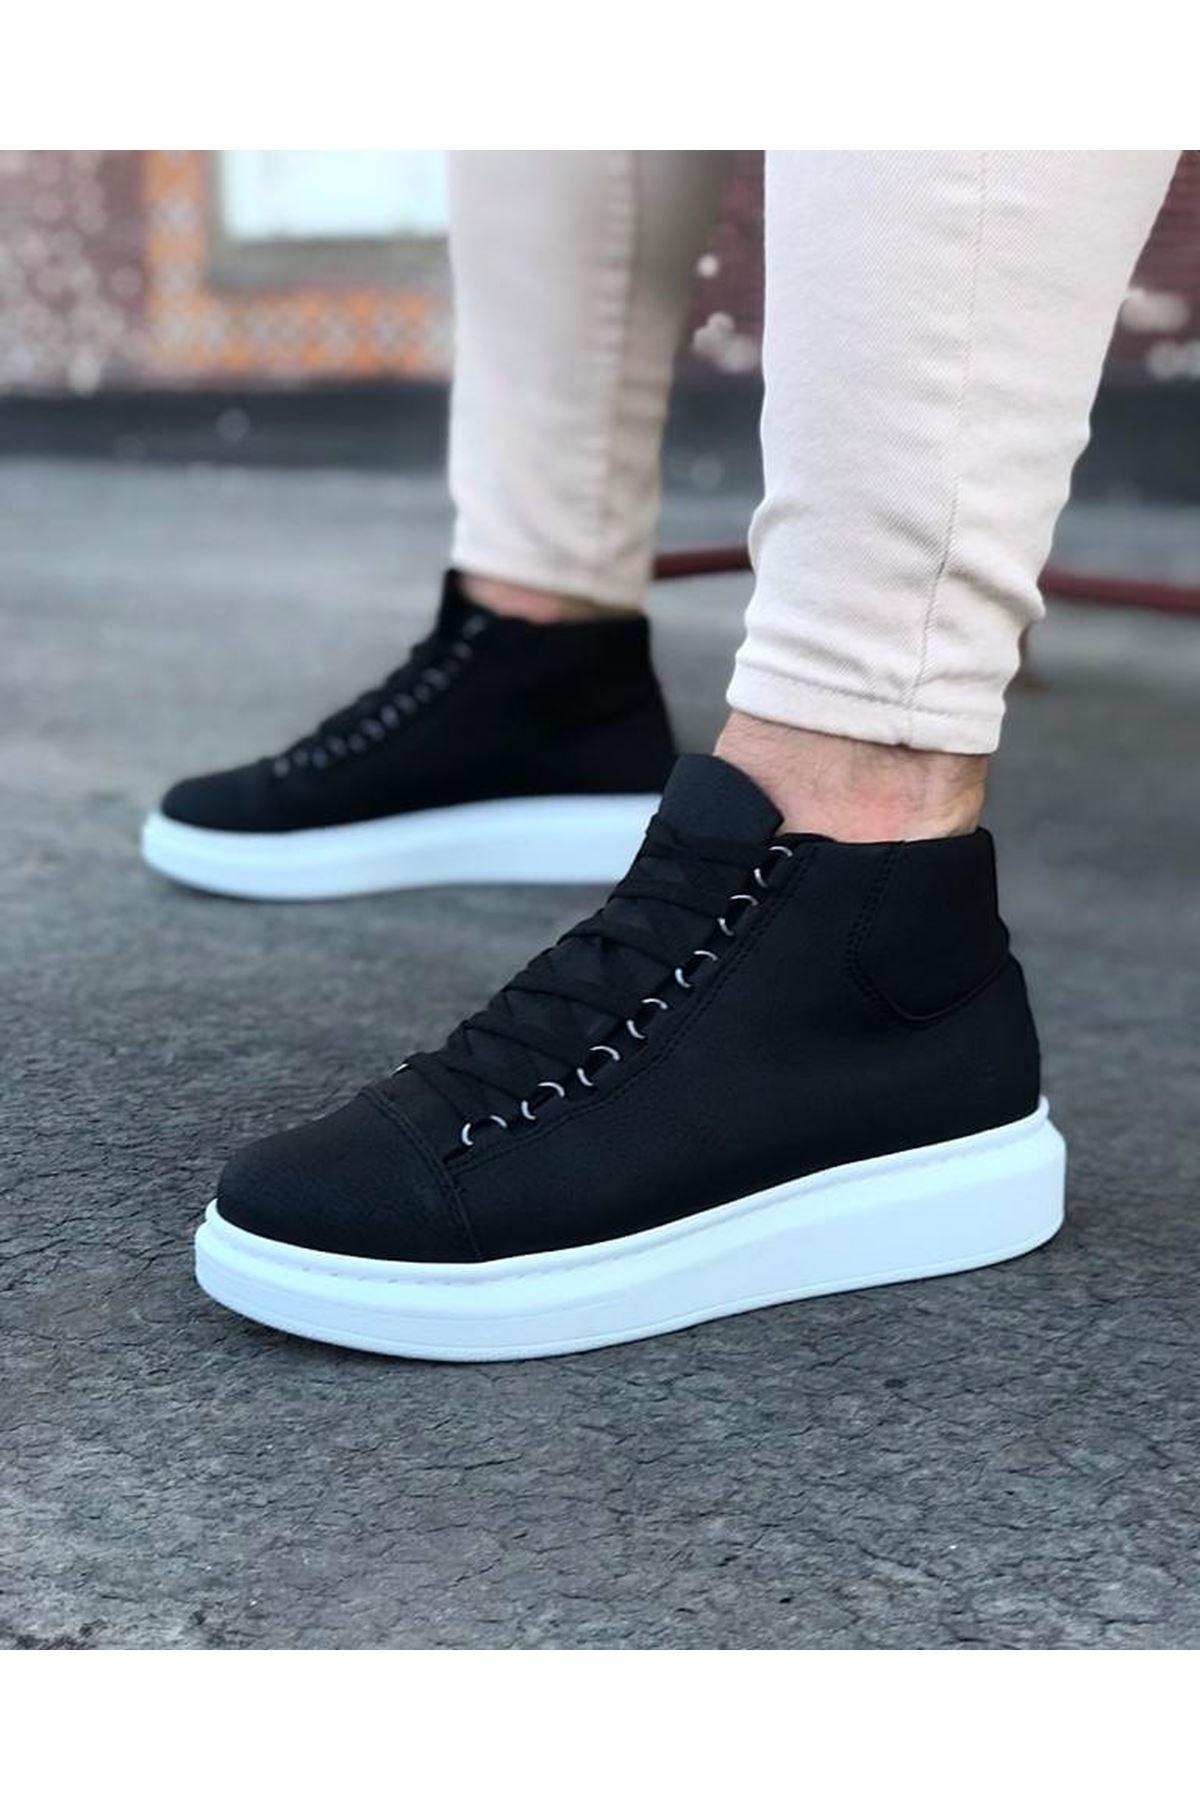 Wagoon WG032 Siyah Bağcıklı Sneakers  Yarım Bilek Bot